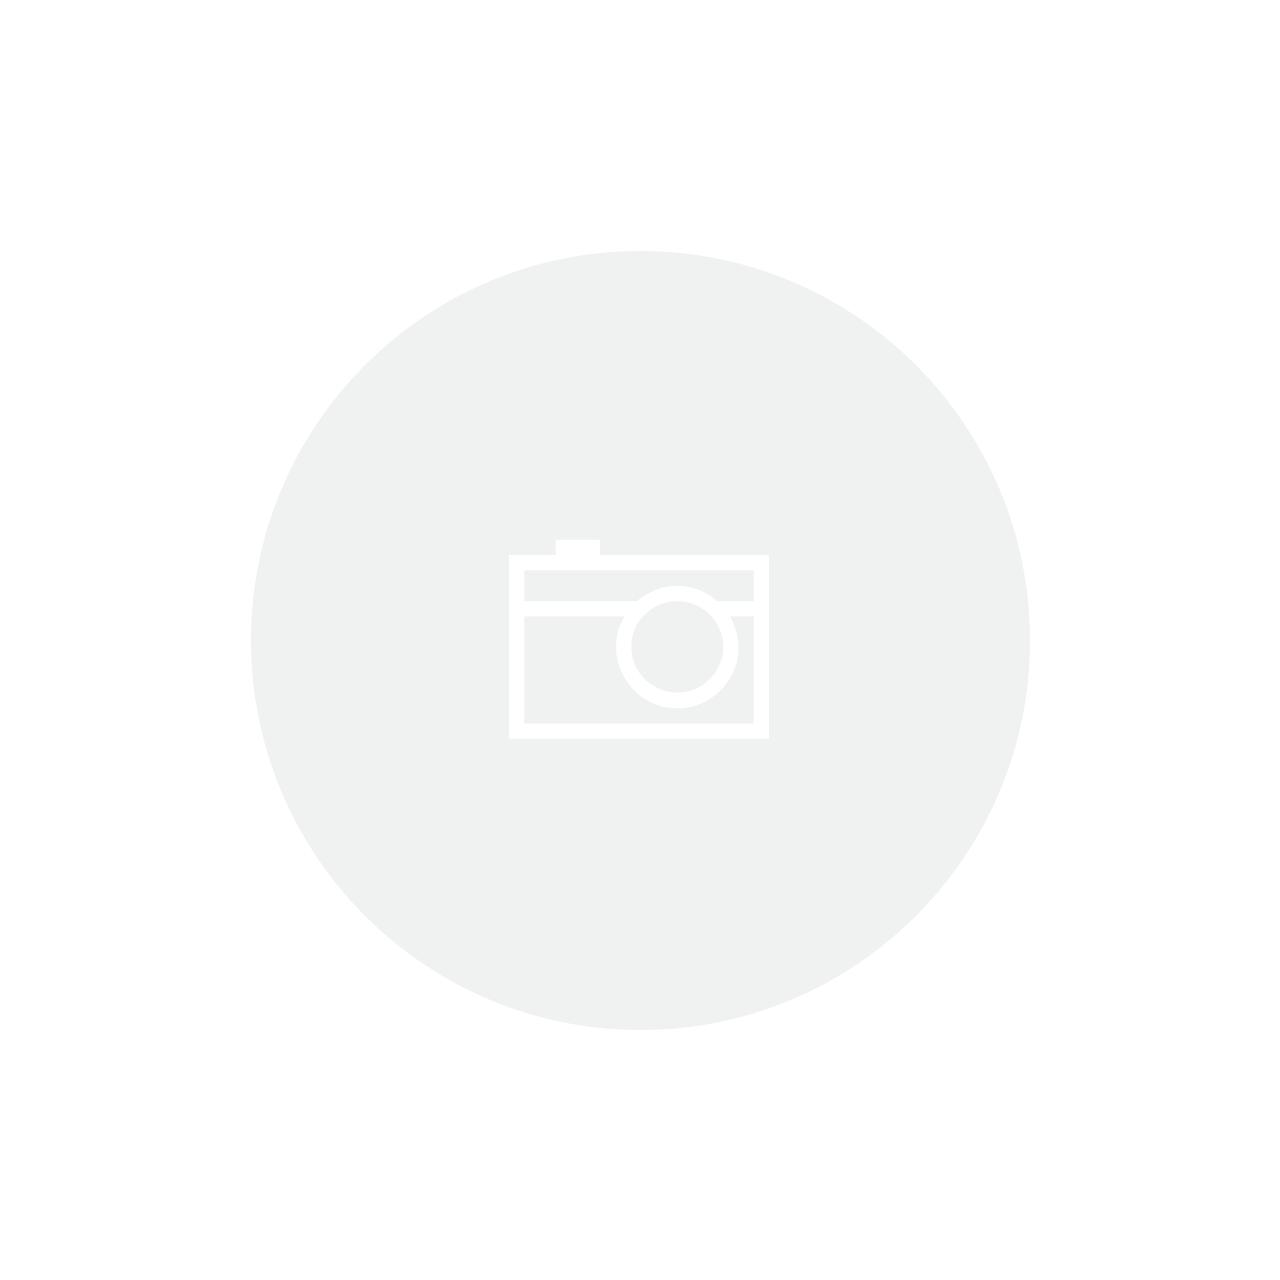 Faqueiro em Inox 130 Peças Mônaco Tramontina